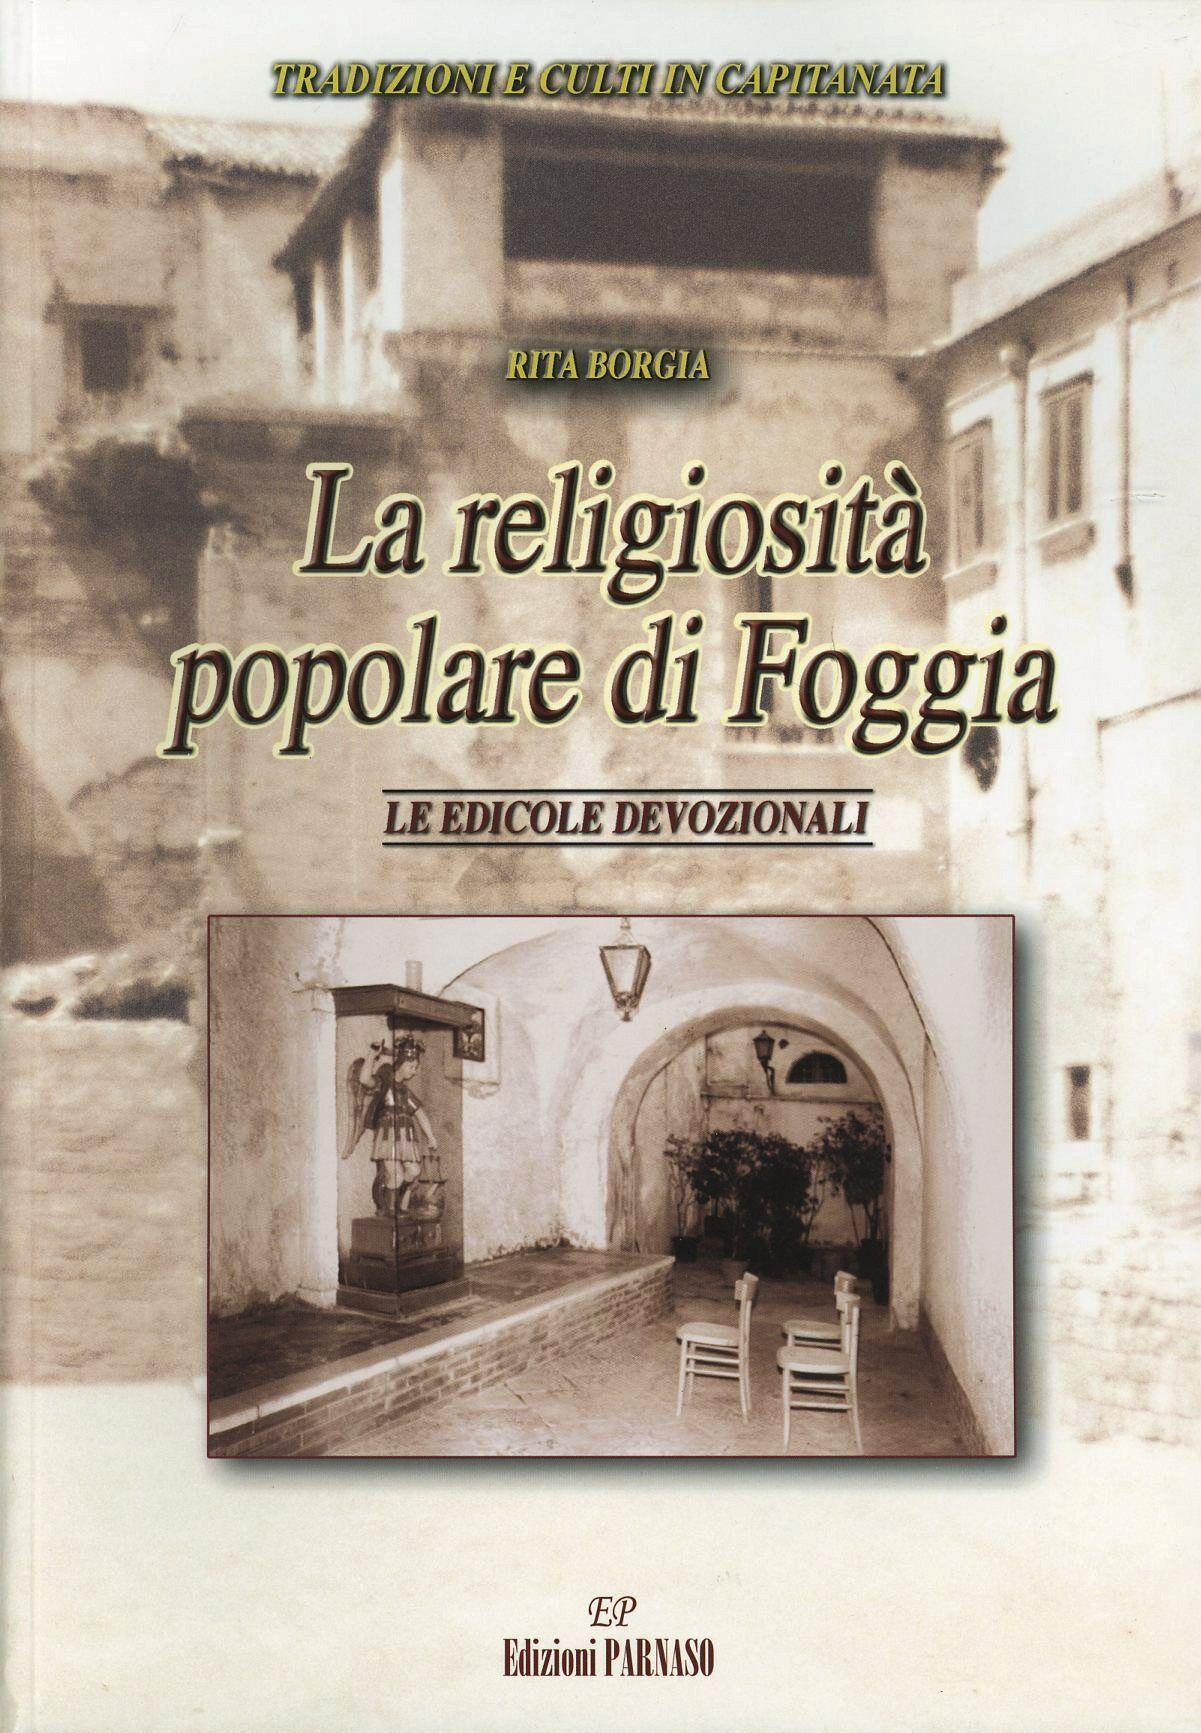 La religiosità popolare di Foggia. Le edicole devozionali